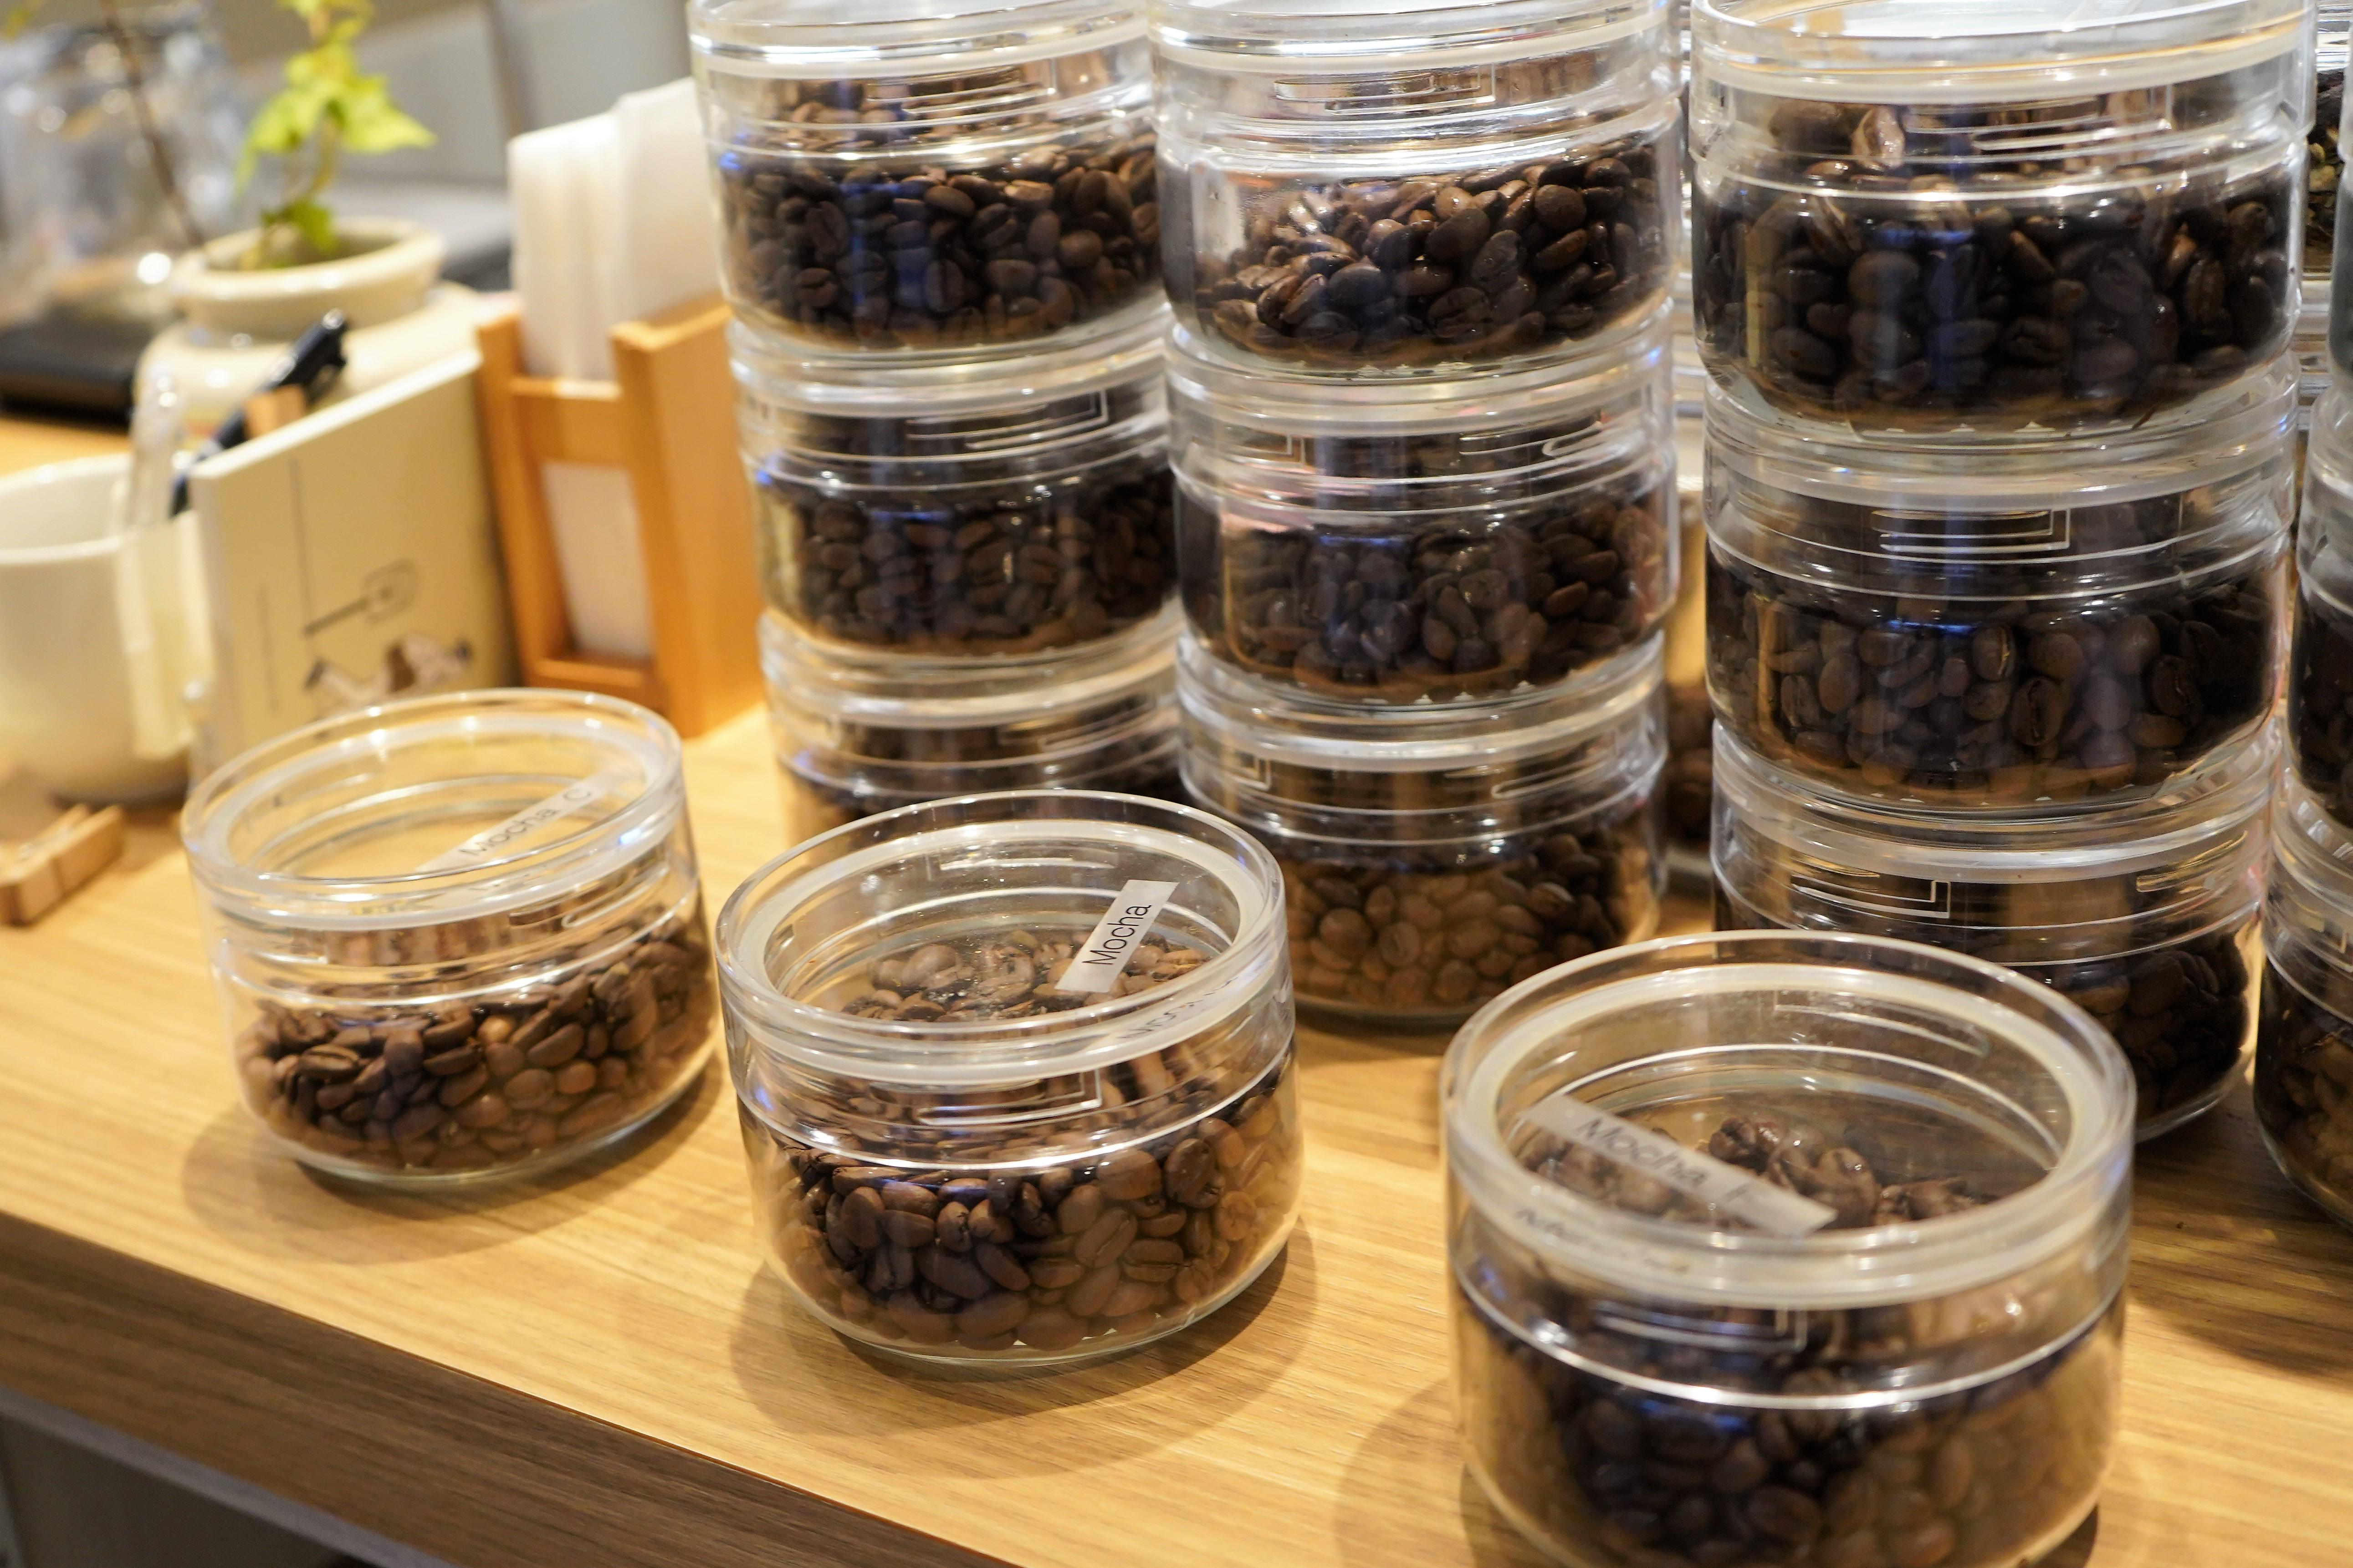 パンダマシュマロが大人気!中区のカフェ「yama coffee(ヤマコーヒー)」 - DSC02591 2